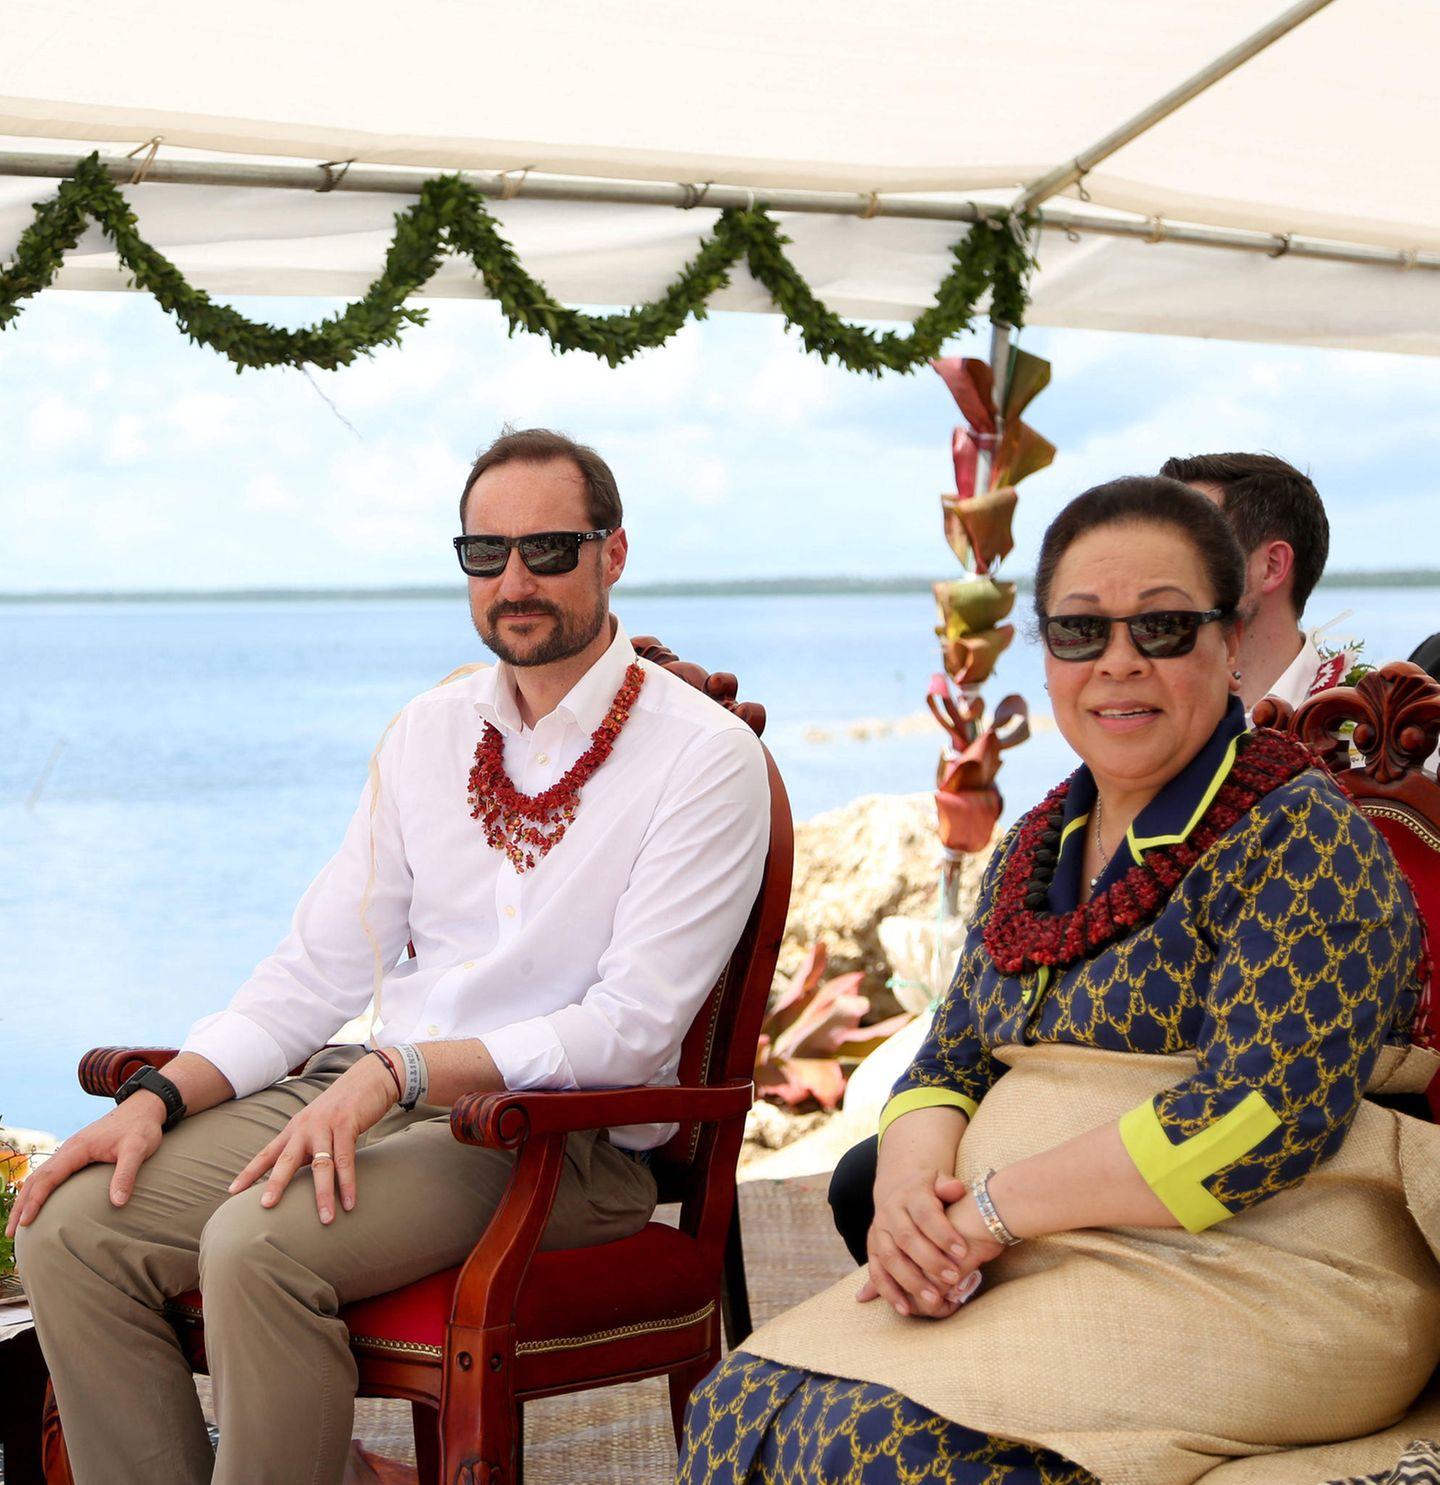 6. April 2019  Wenige Tage zuvor besuchte der Kronprinz von Norwegen nochKönigin Nanasipau'u im Dorf 'Ahau in Tonga. Dort wurde er mit einheimischen Schmuck beschenkt.